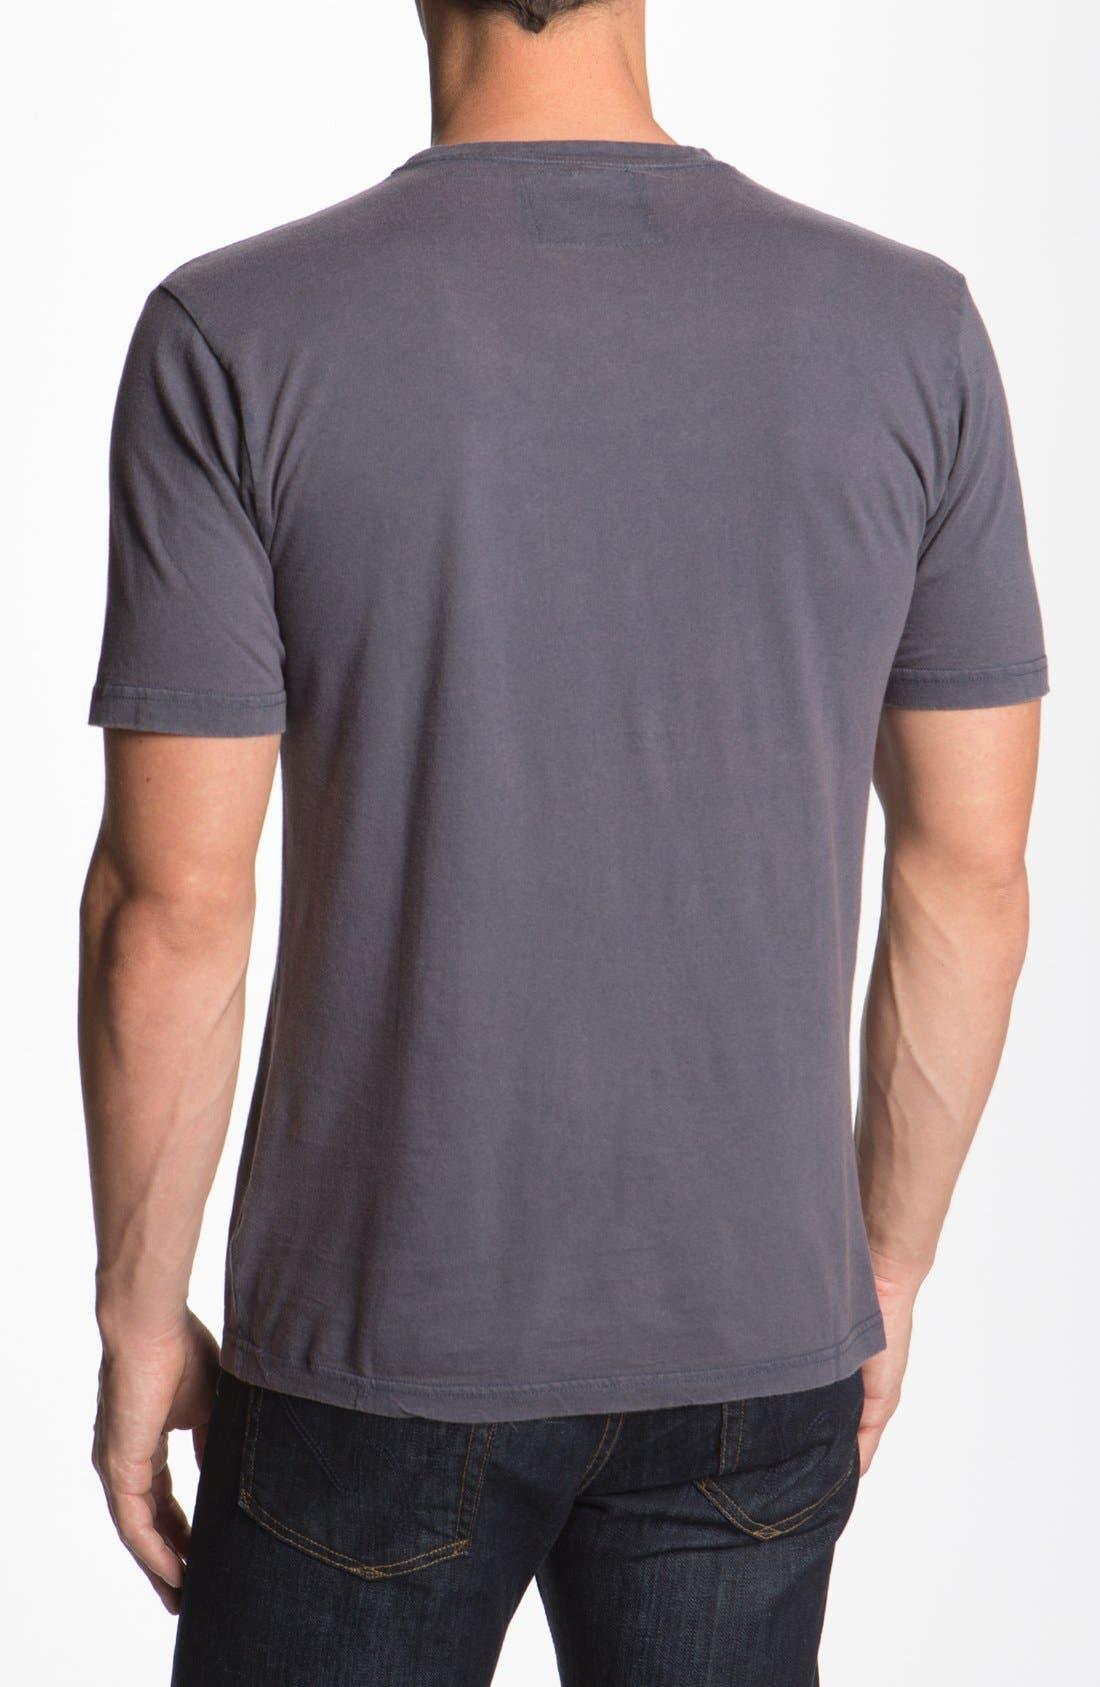 'Los Angeles Angels' Trim Fit T-Shirt,                             Alternate thumbnail 2, color,                             455